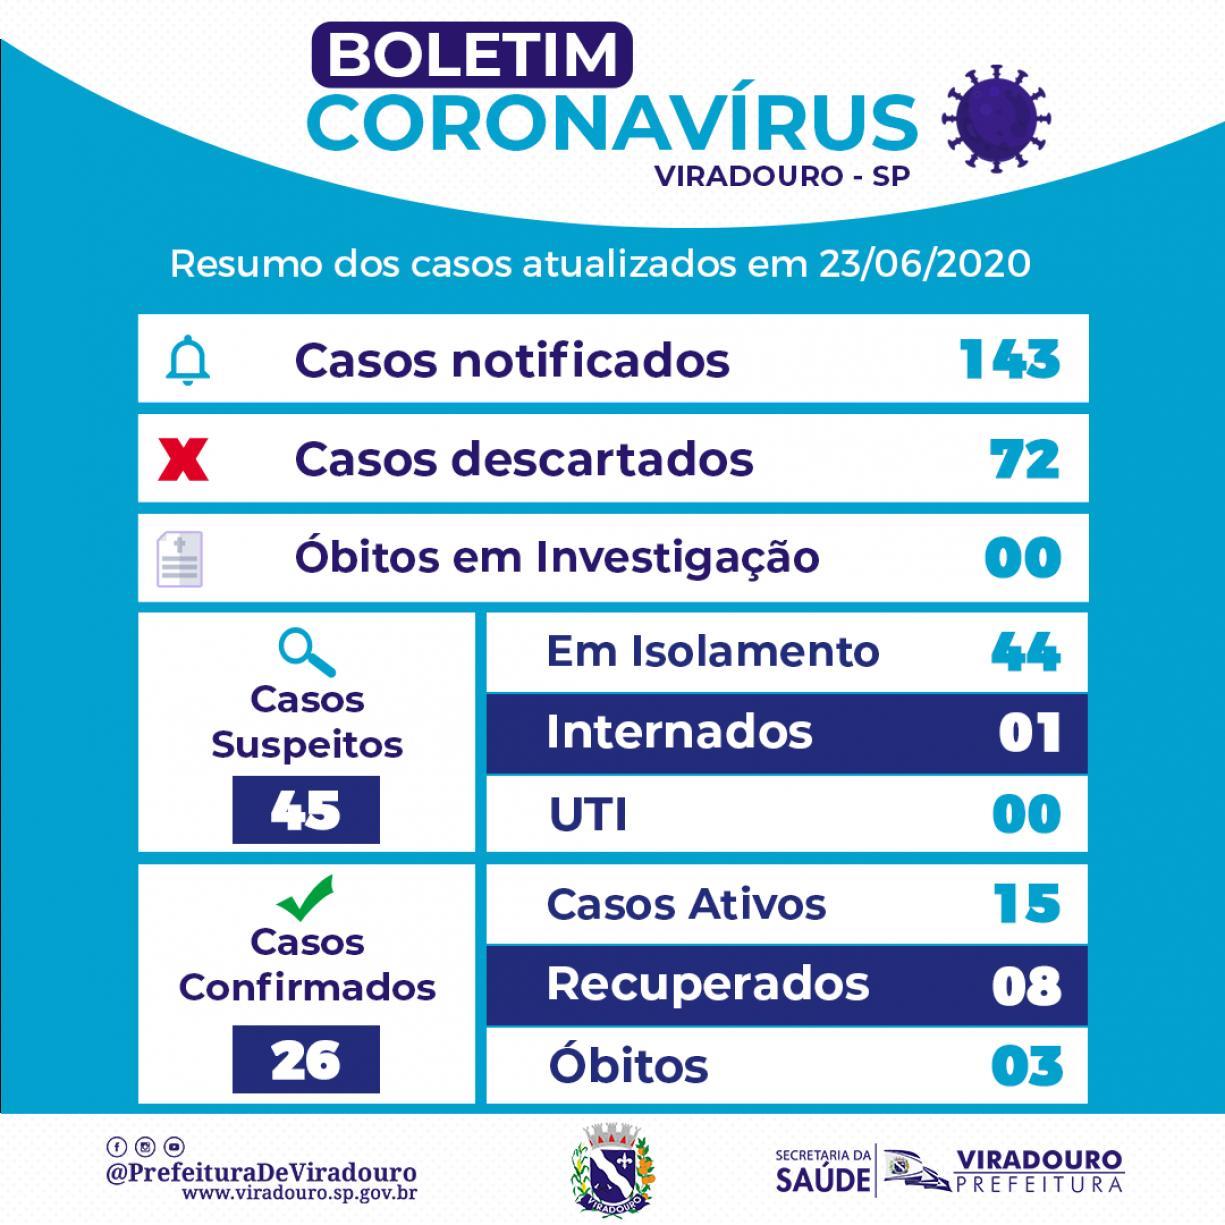 Boletim Epidemiológico Viradouro (Atualização 23/06/2020)